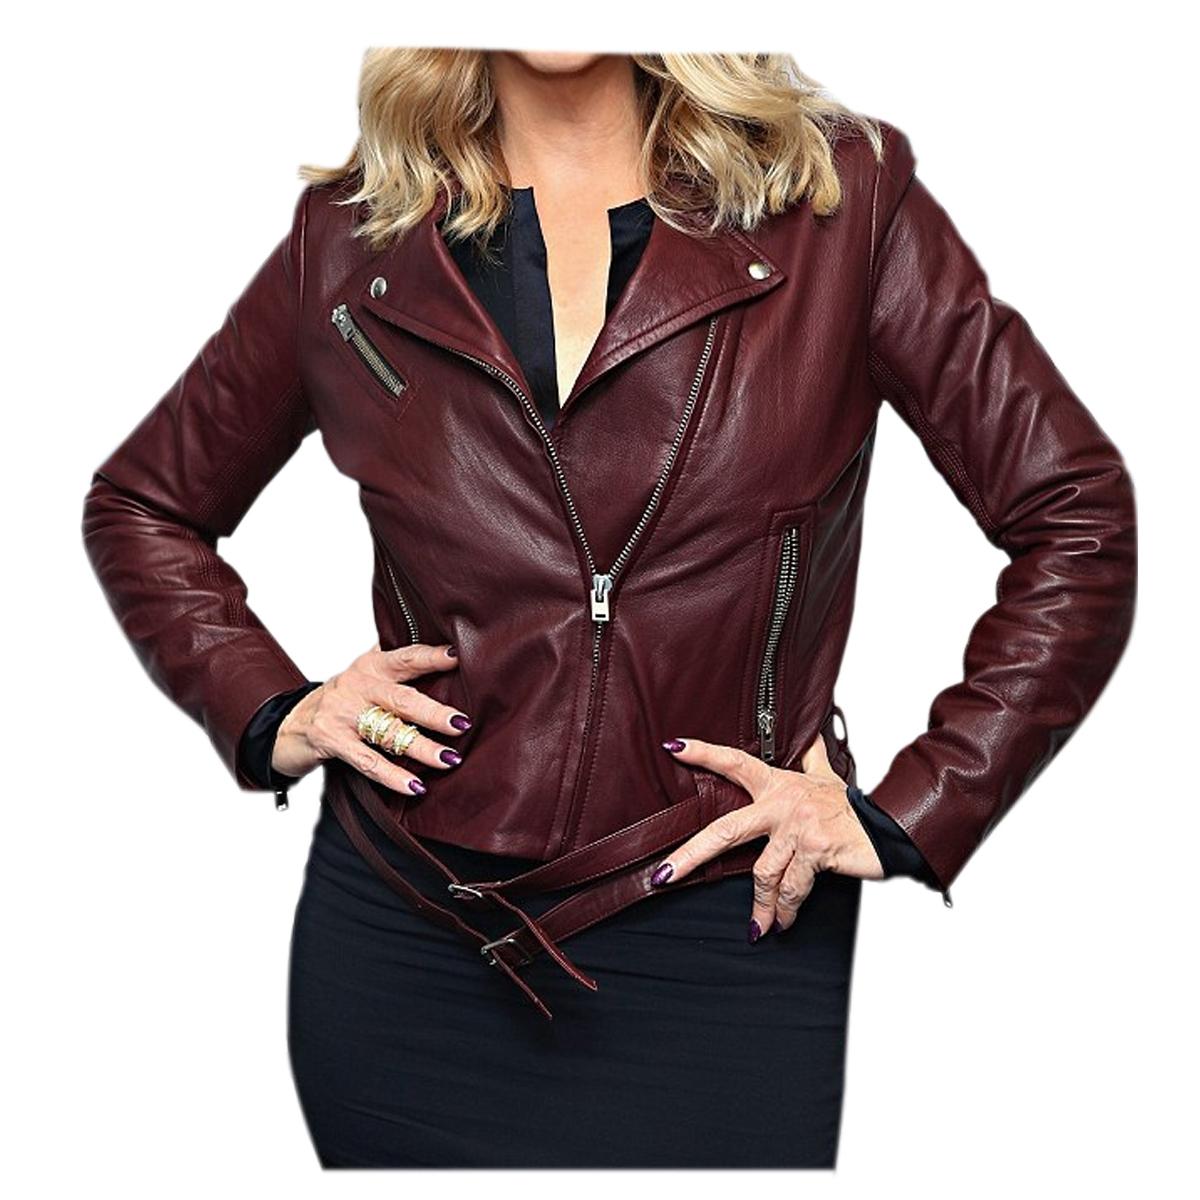 Kirstie Alley jacket